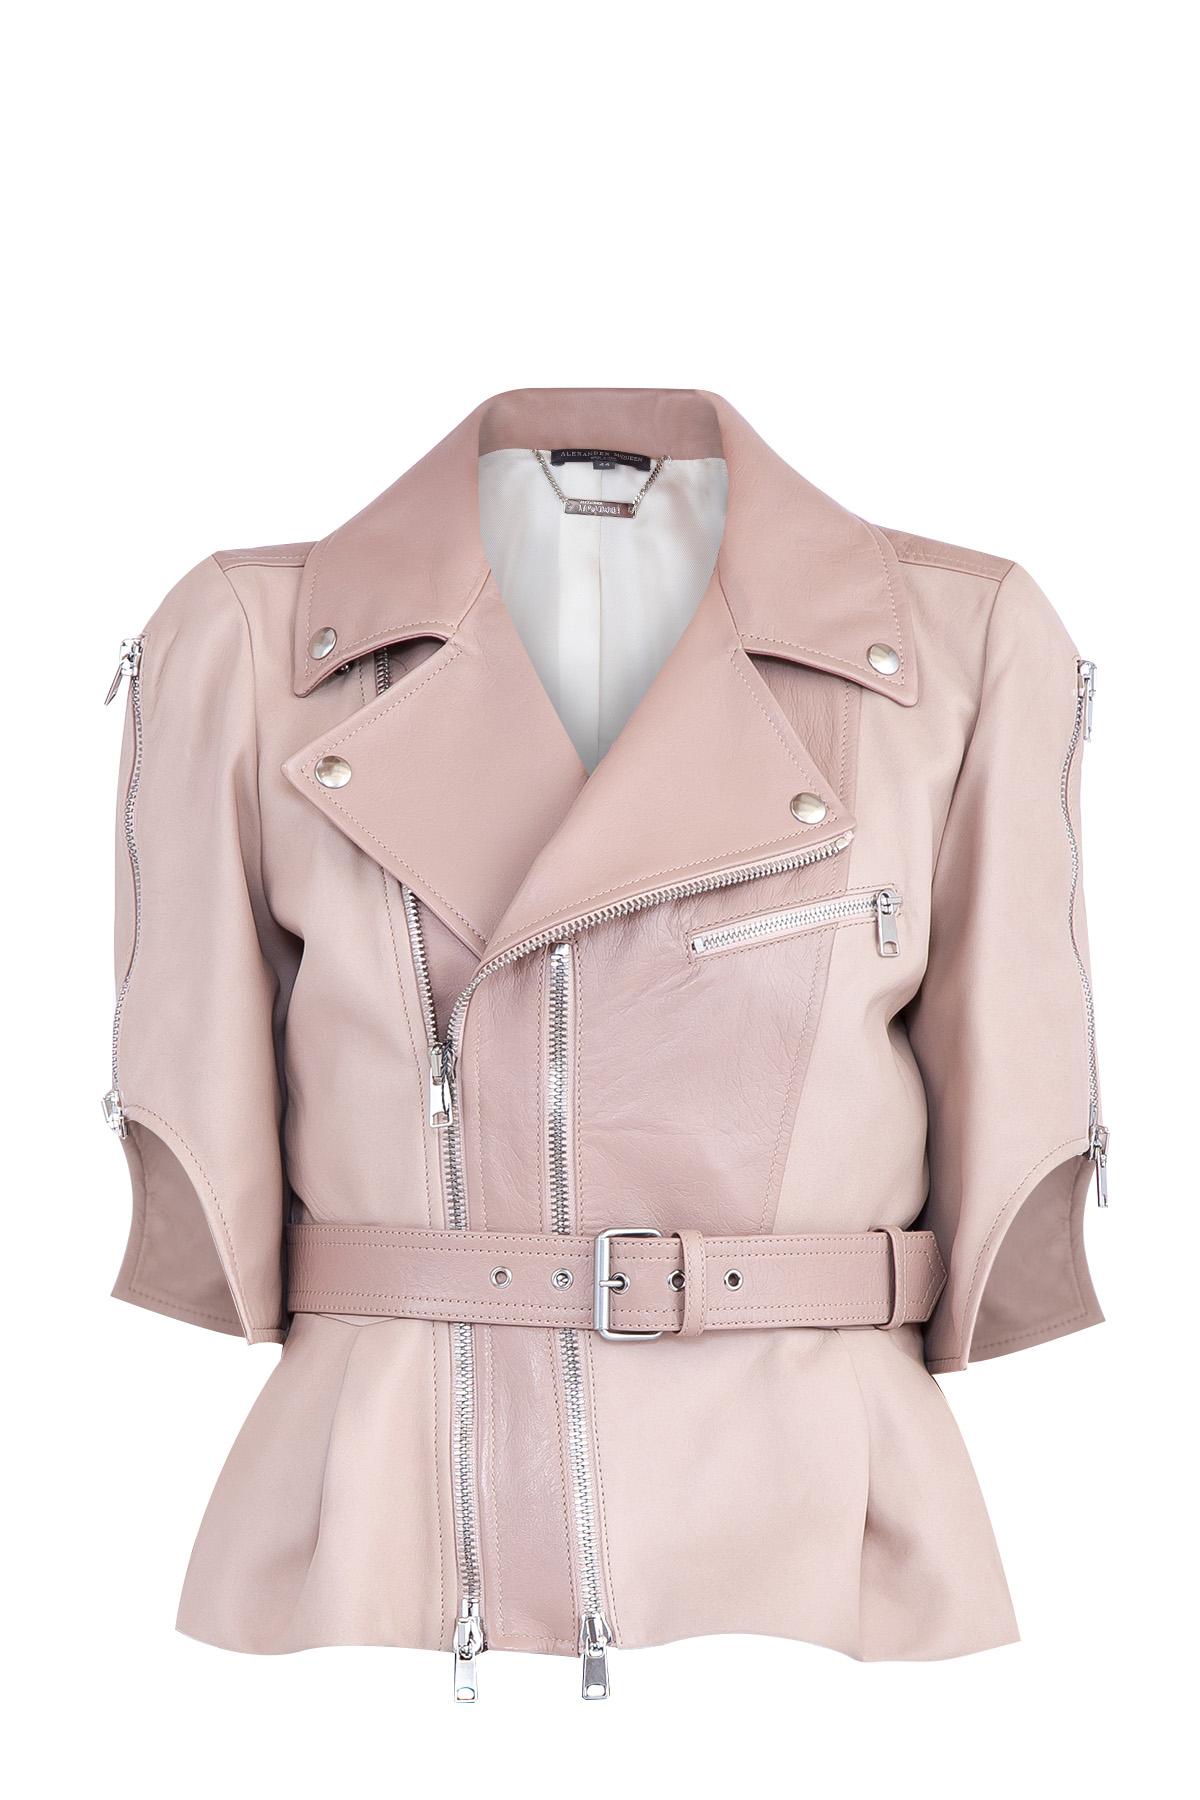 Купить Куртка, ALEXANDER MCQUEEN, Италия, кожа 100%